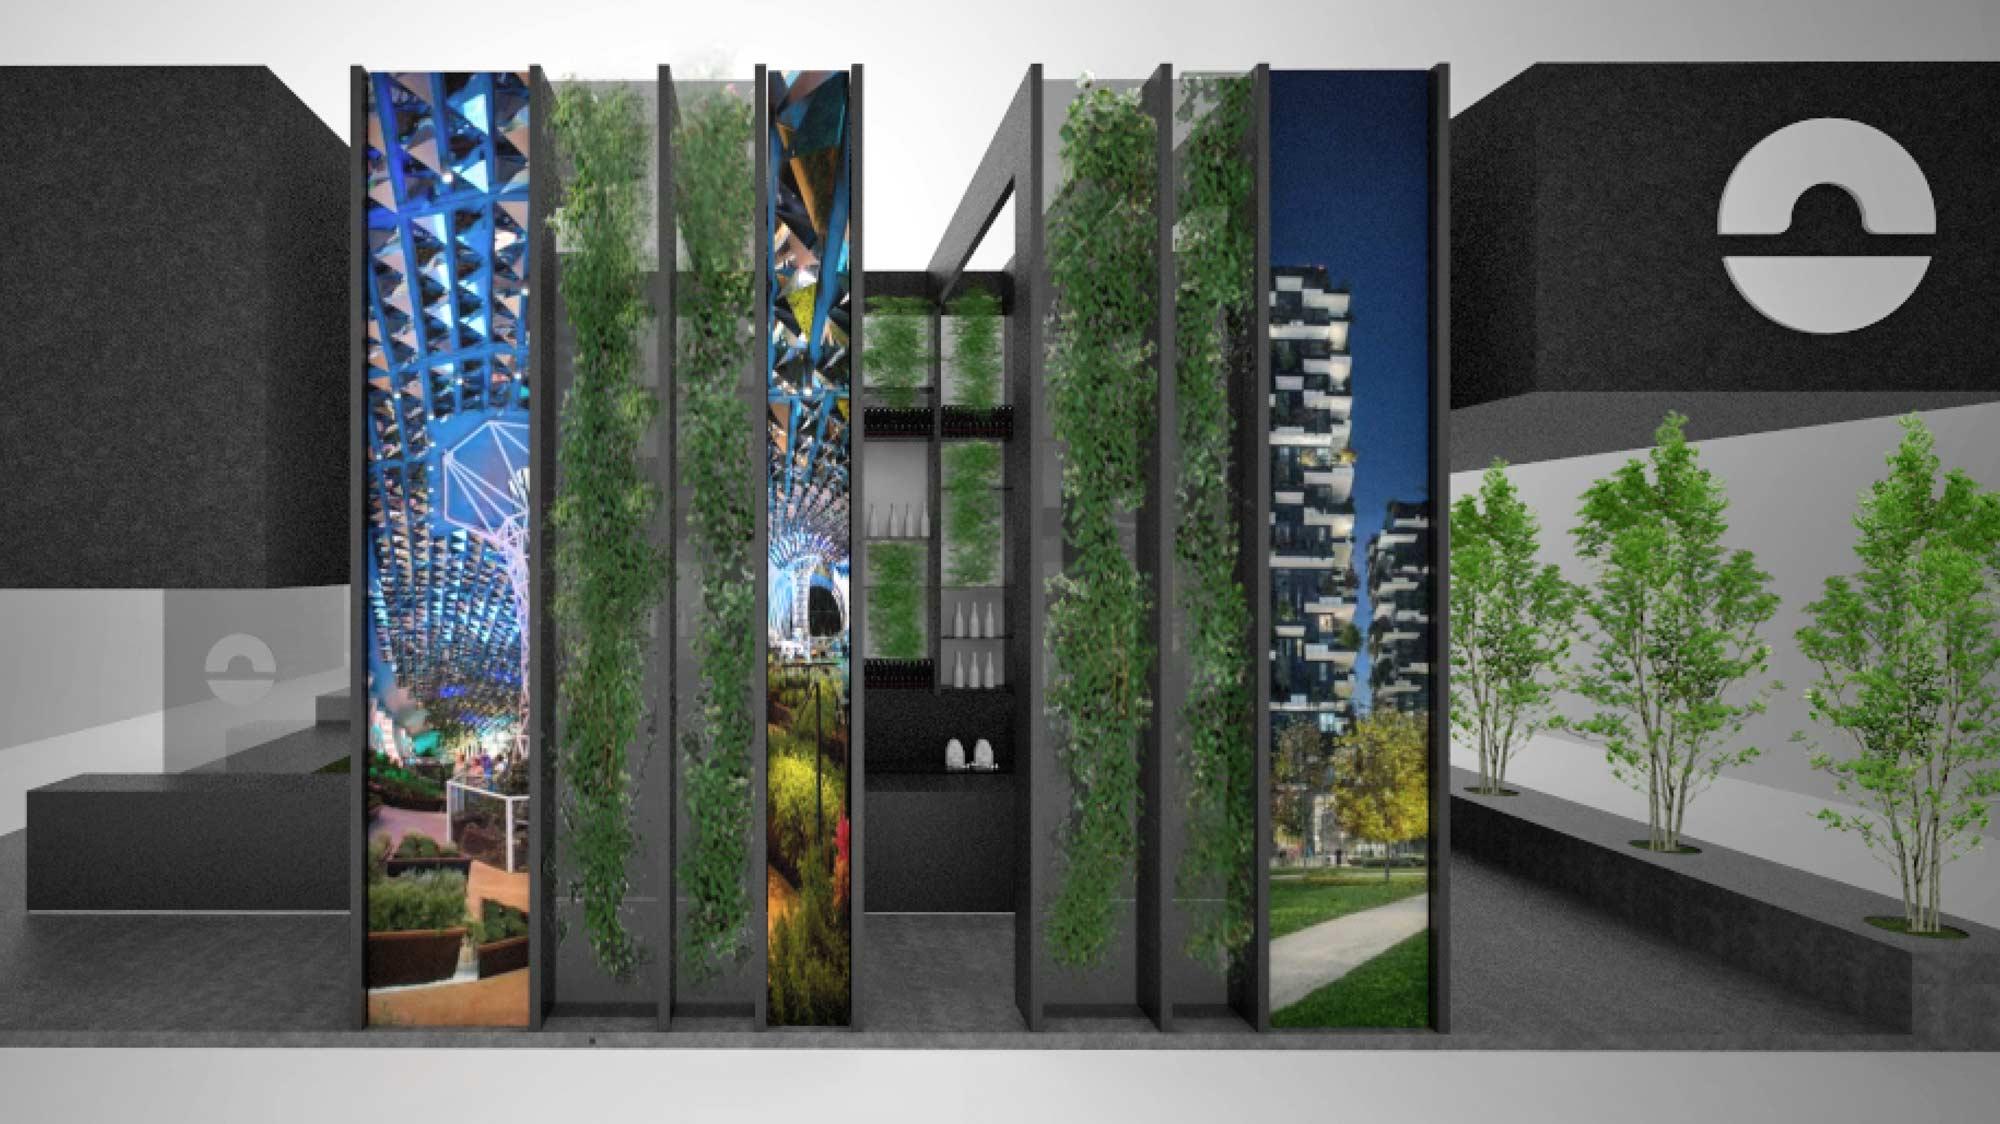 lumi re technologie et architecture durable light building 2016 linea light group. Black Bedroom Furniture Sets. Home Design Ideas